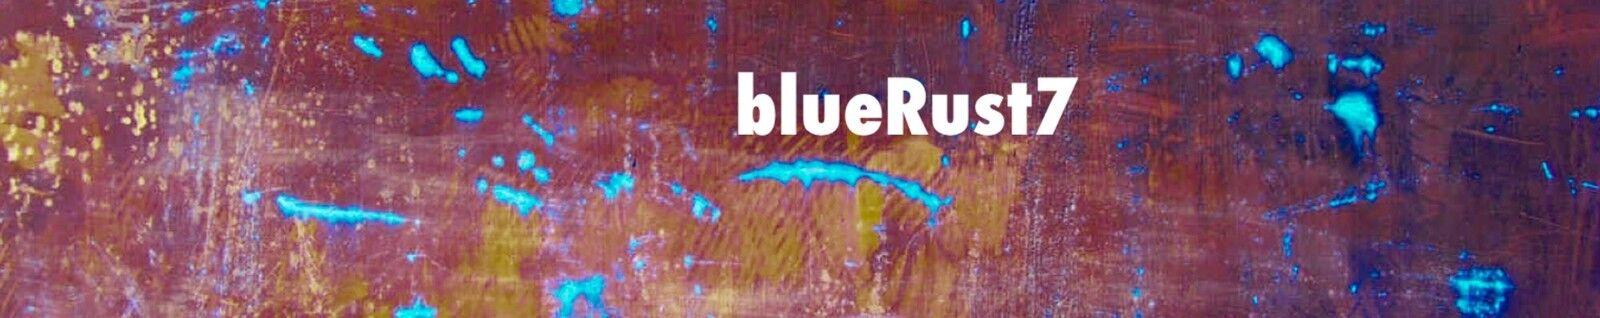 blueRust7